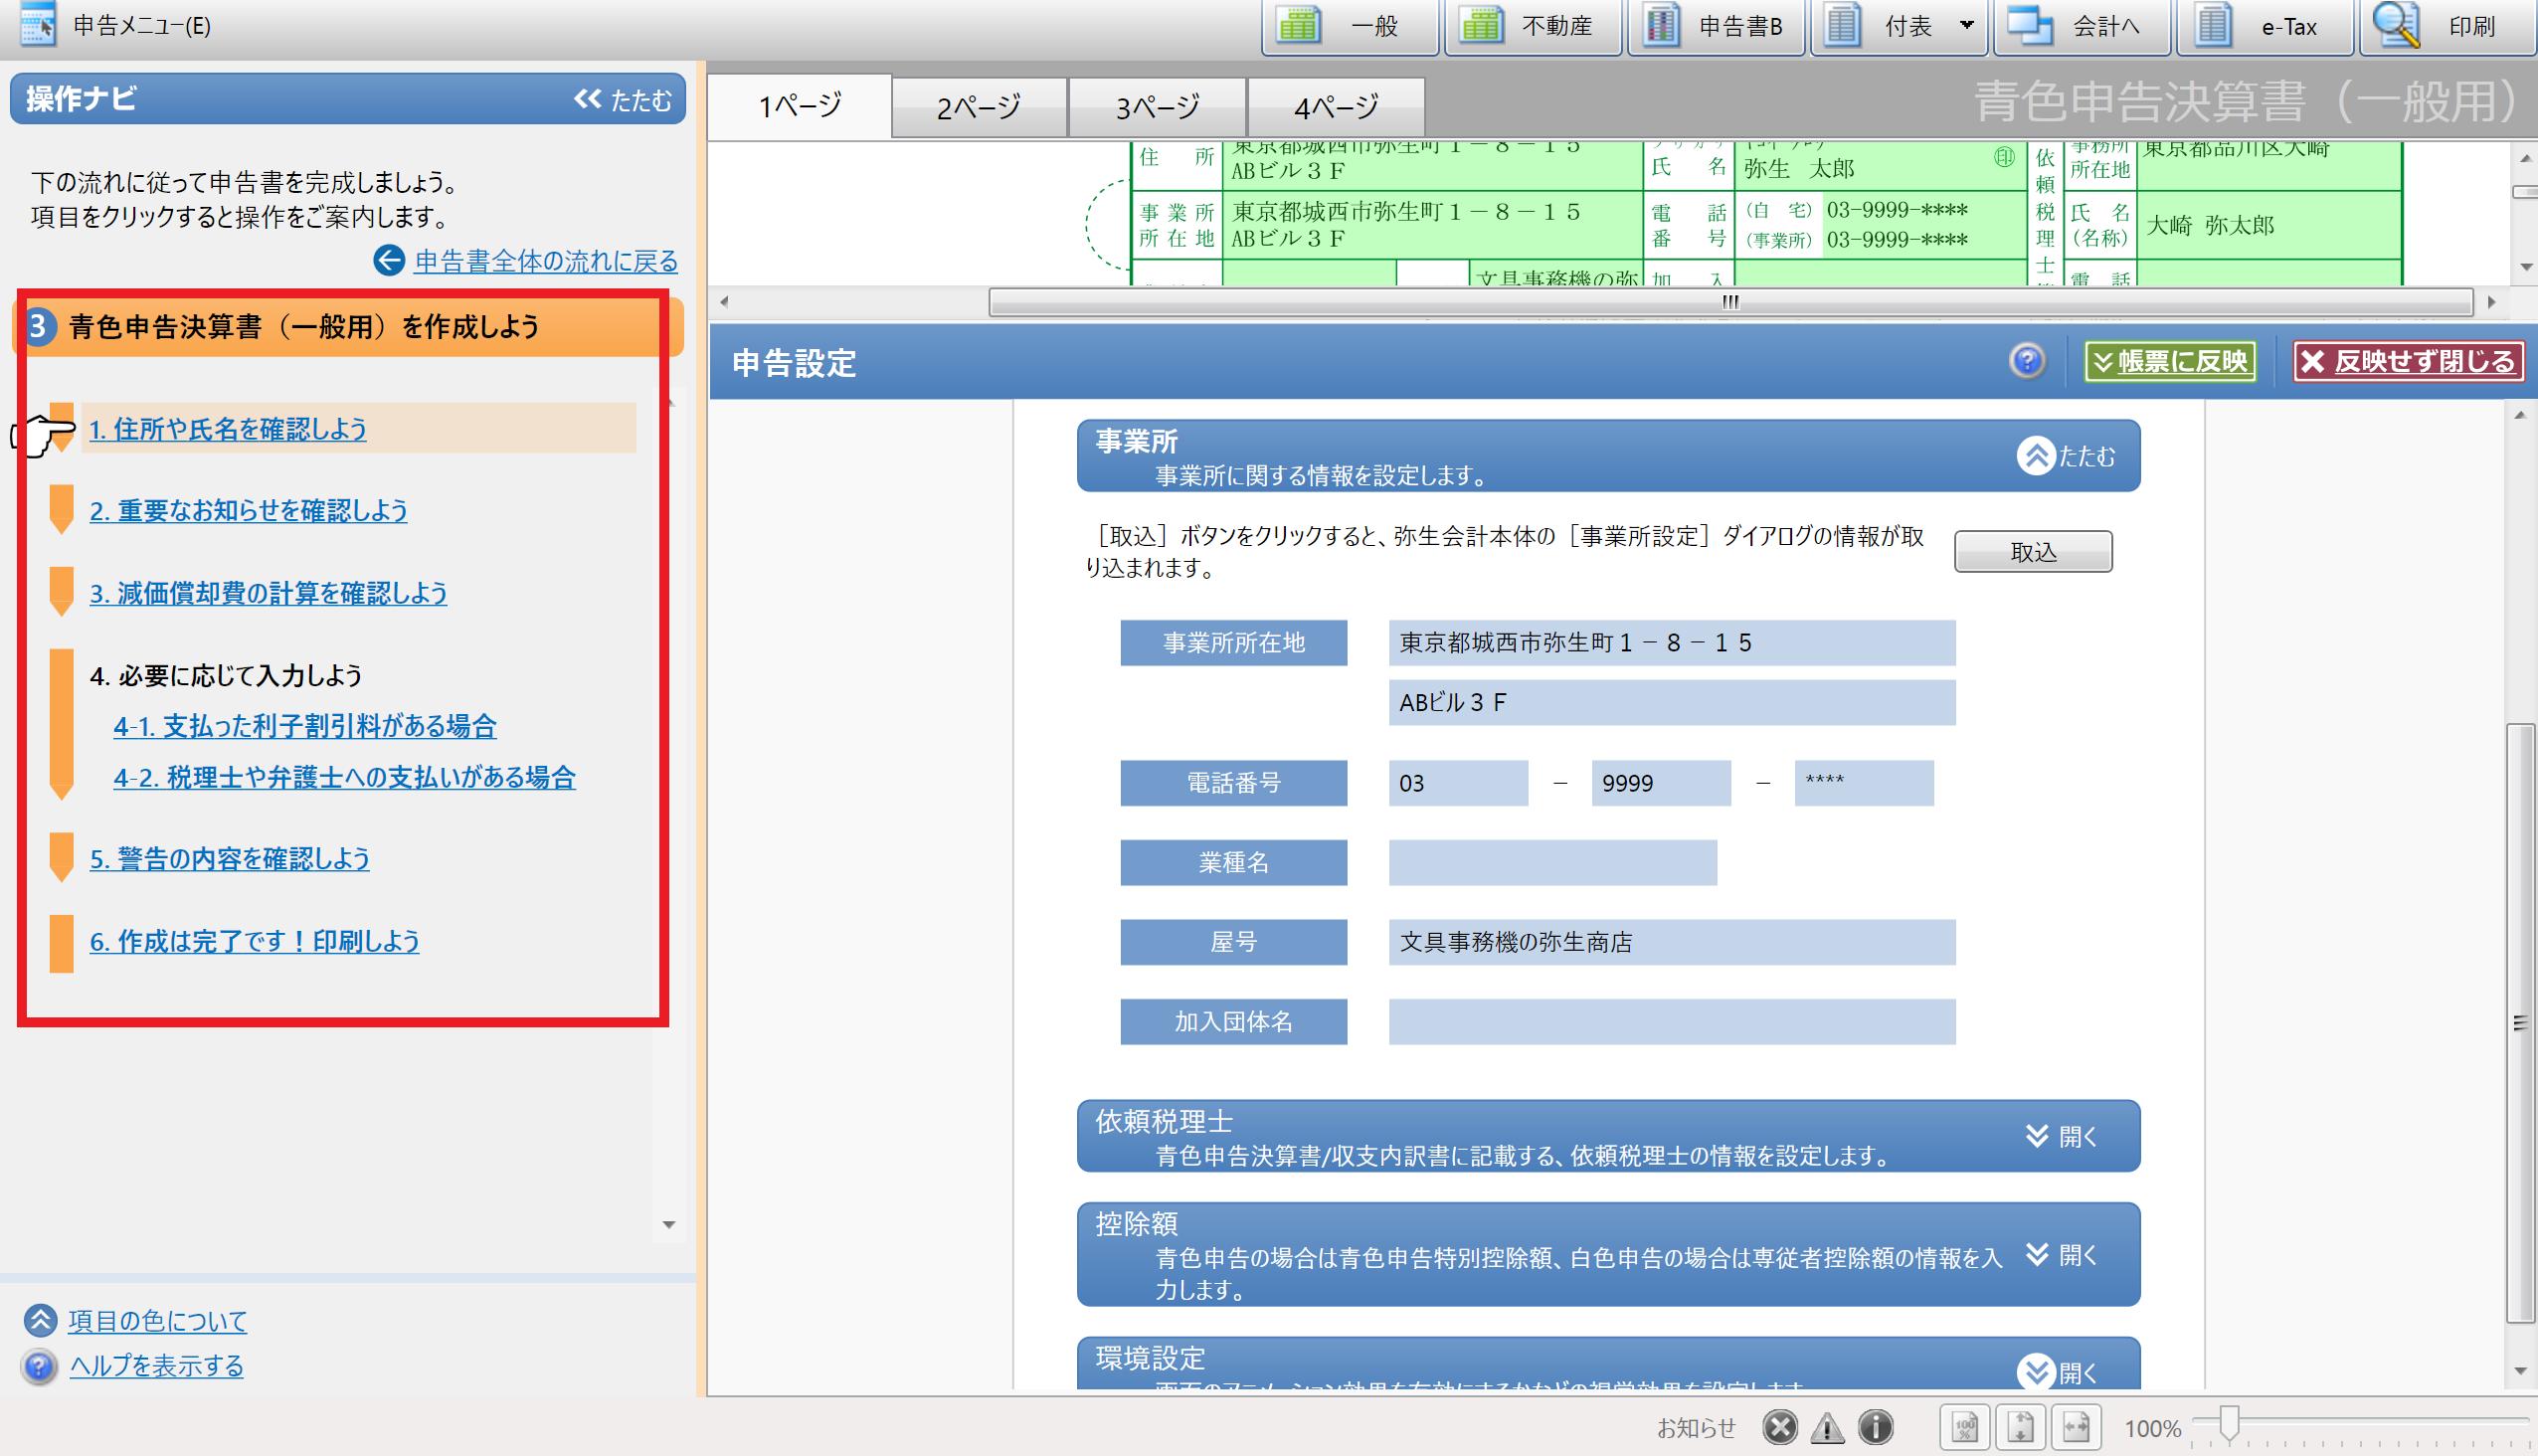 https://www.yayoinotatsujin.net/blog/blog_fujimoto_6.png